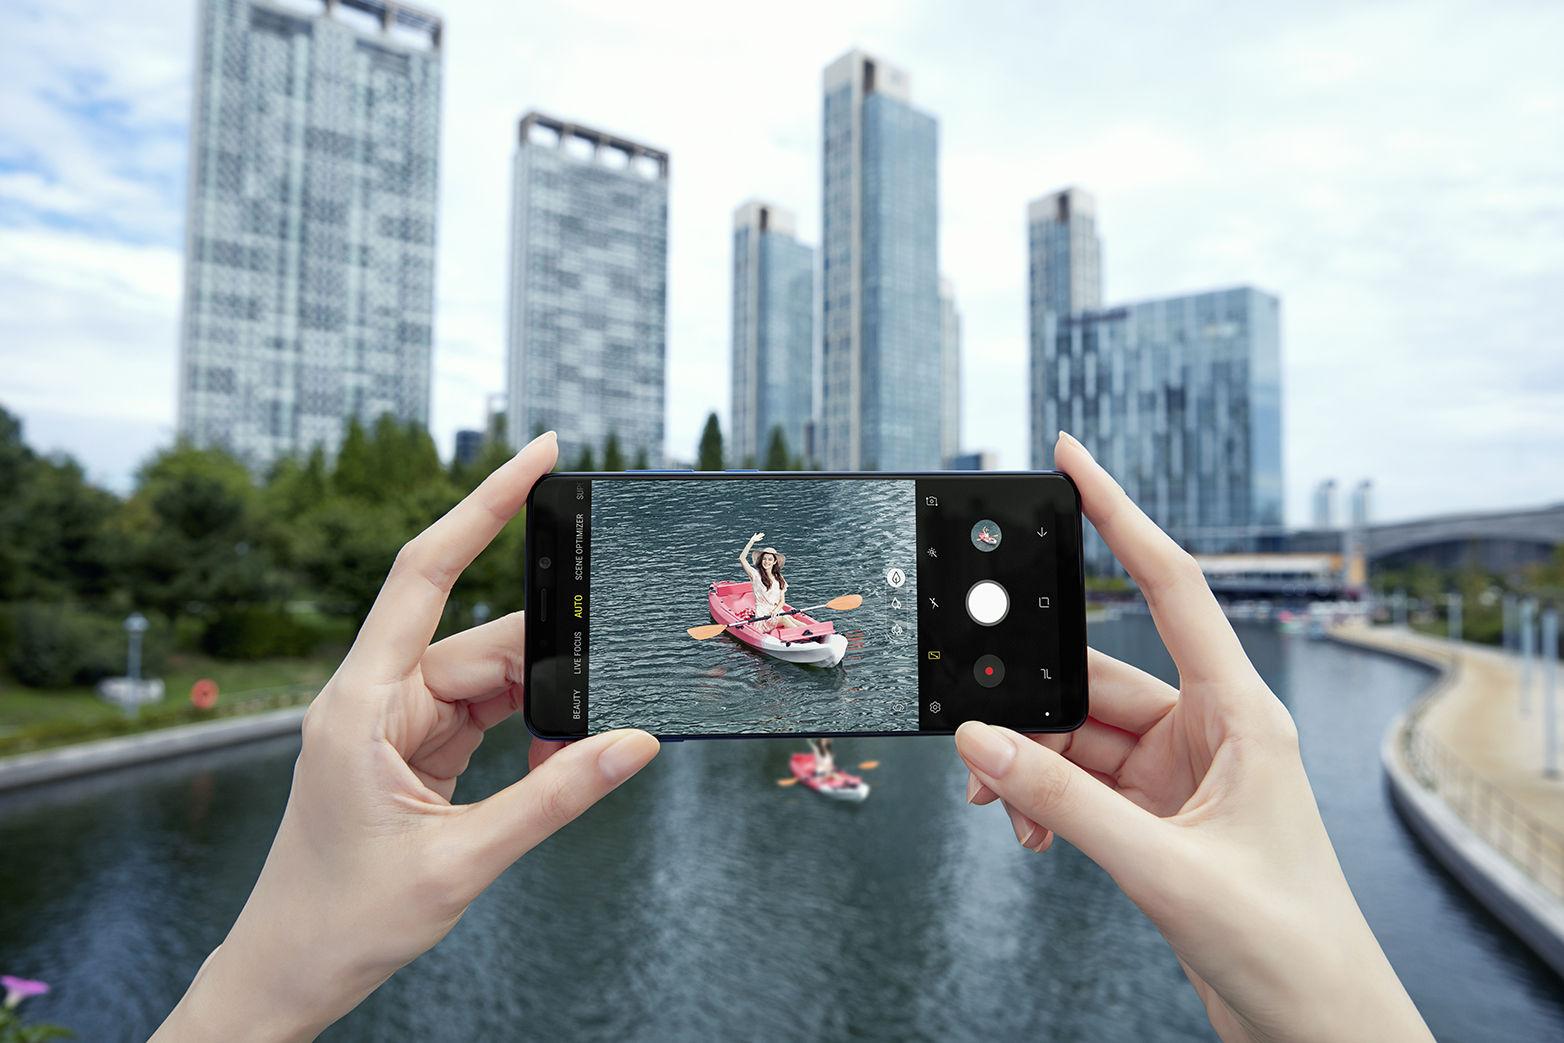 Conoce el nuevo Samsung Galaxy A9 - Contenido Patrocinado